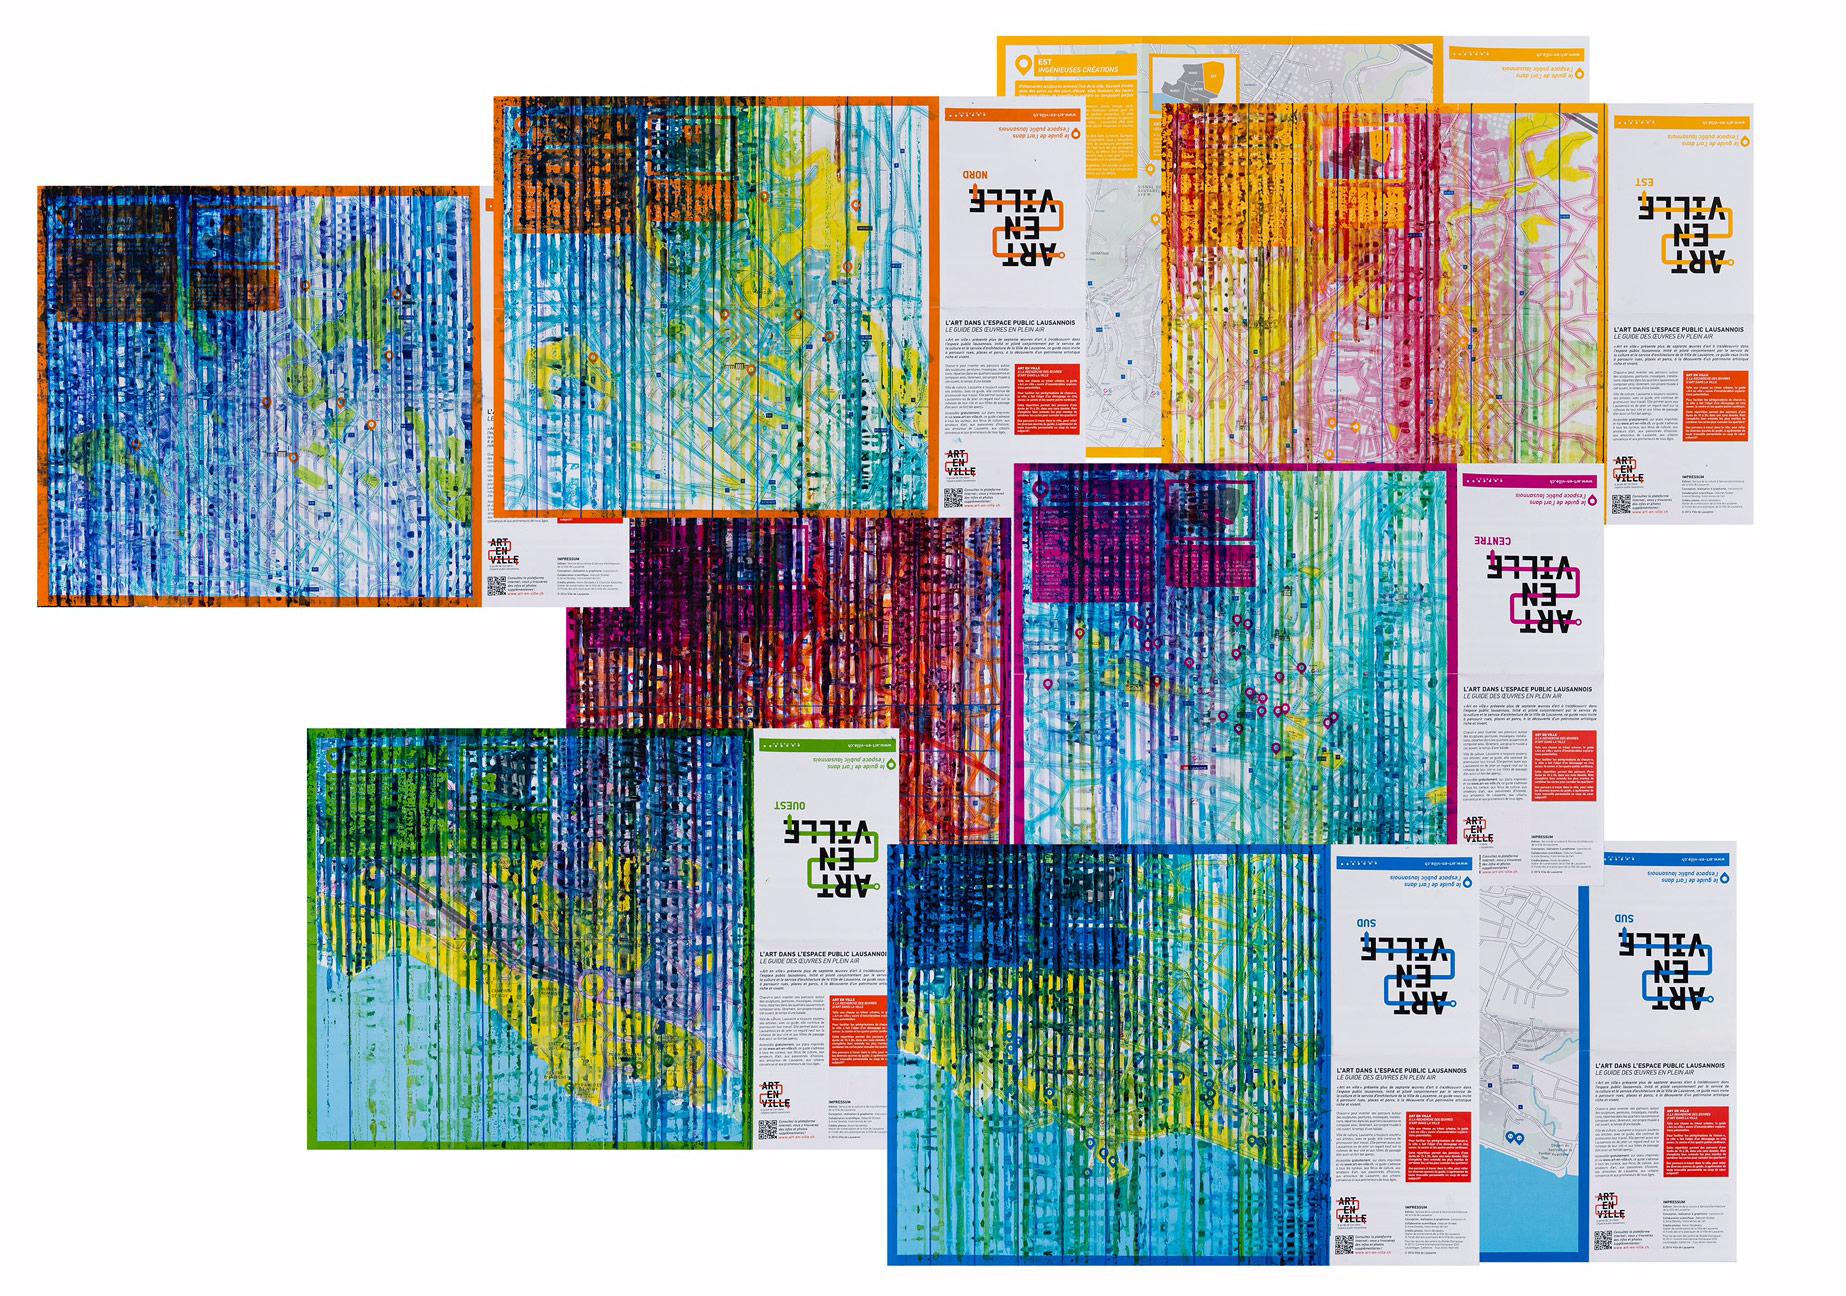 Seçil Erel, Olduğu gibi 1-2, 2015, harita üzerine suluboya, 10 adet 42x59cm MASA SUNUMU masa 100x125cm